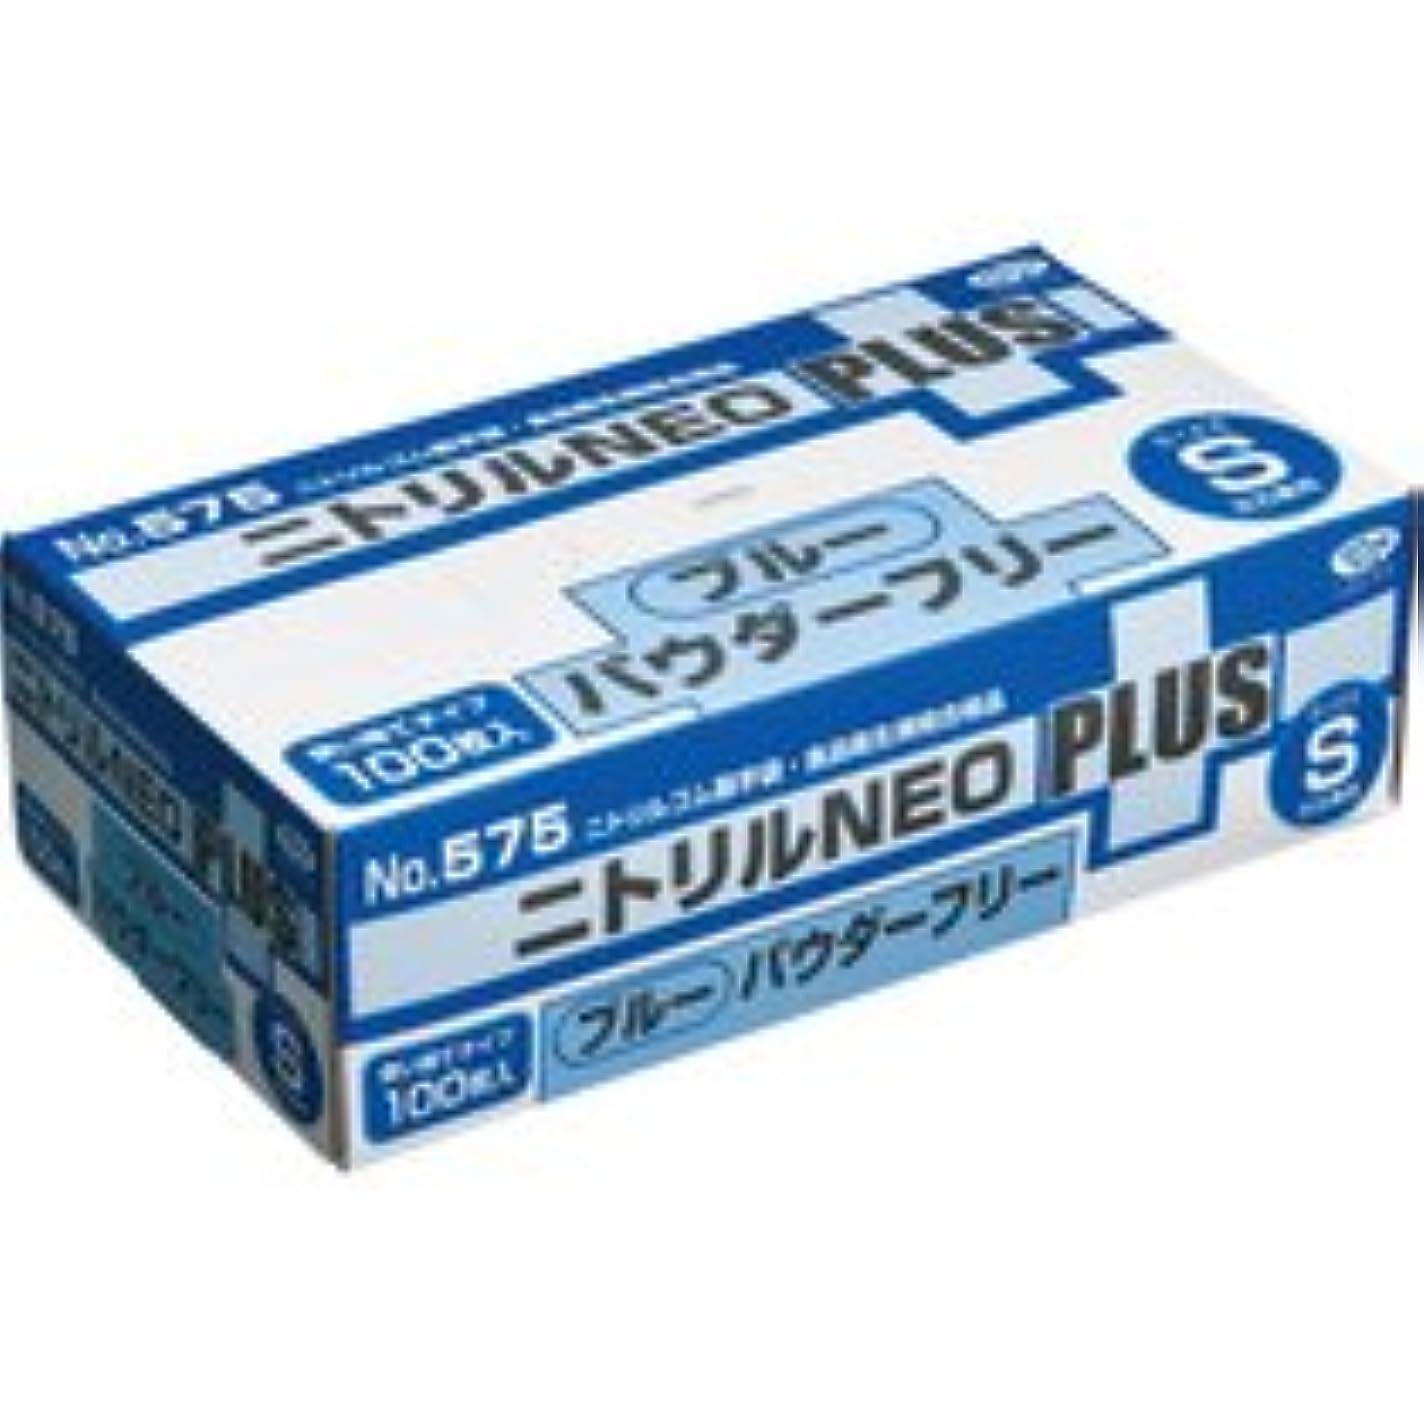 苦しみ出演者オフセットエブノ ニトリルNEOプラス パウダーフリー ブルー S NO-575 1セット(2000枚:100枚×20箱)